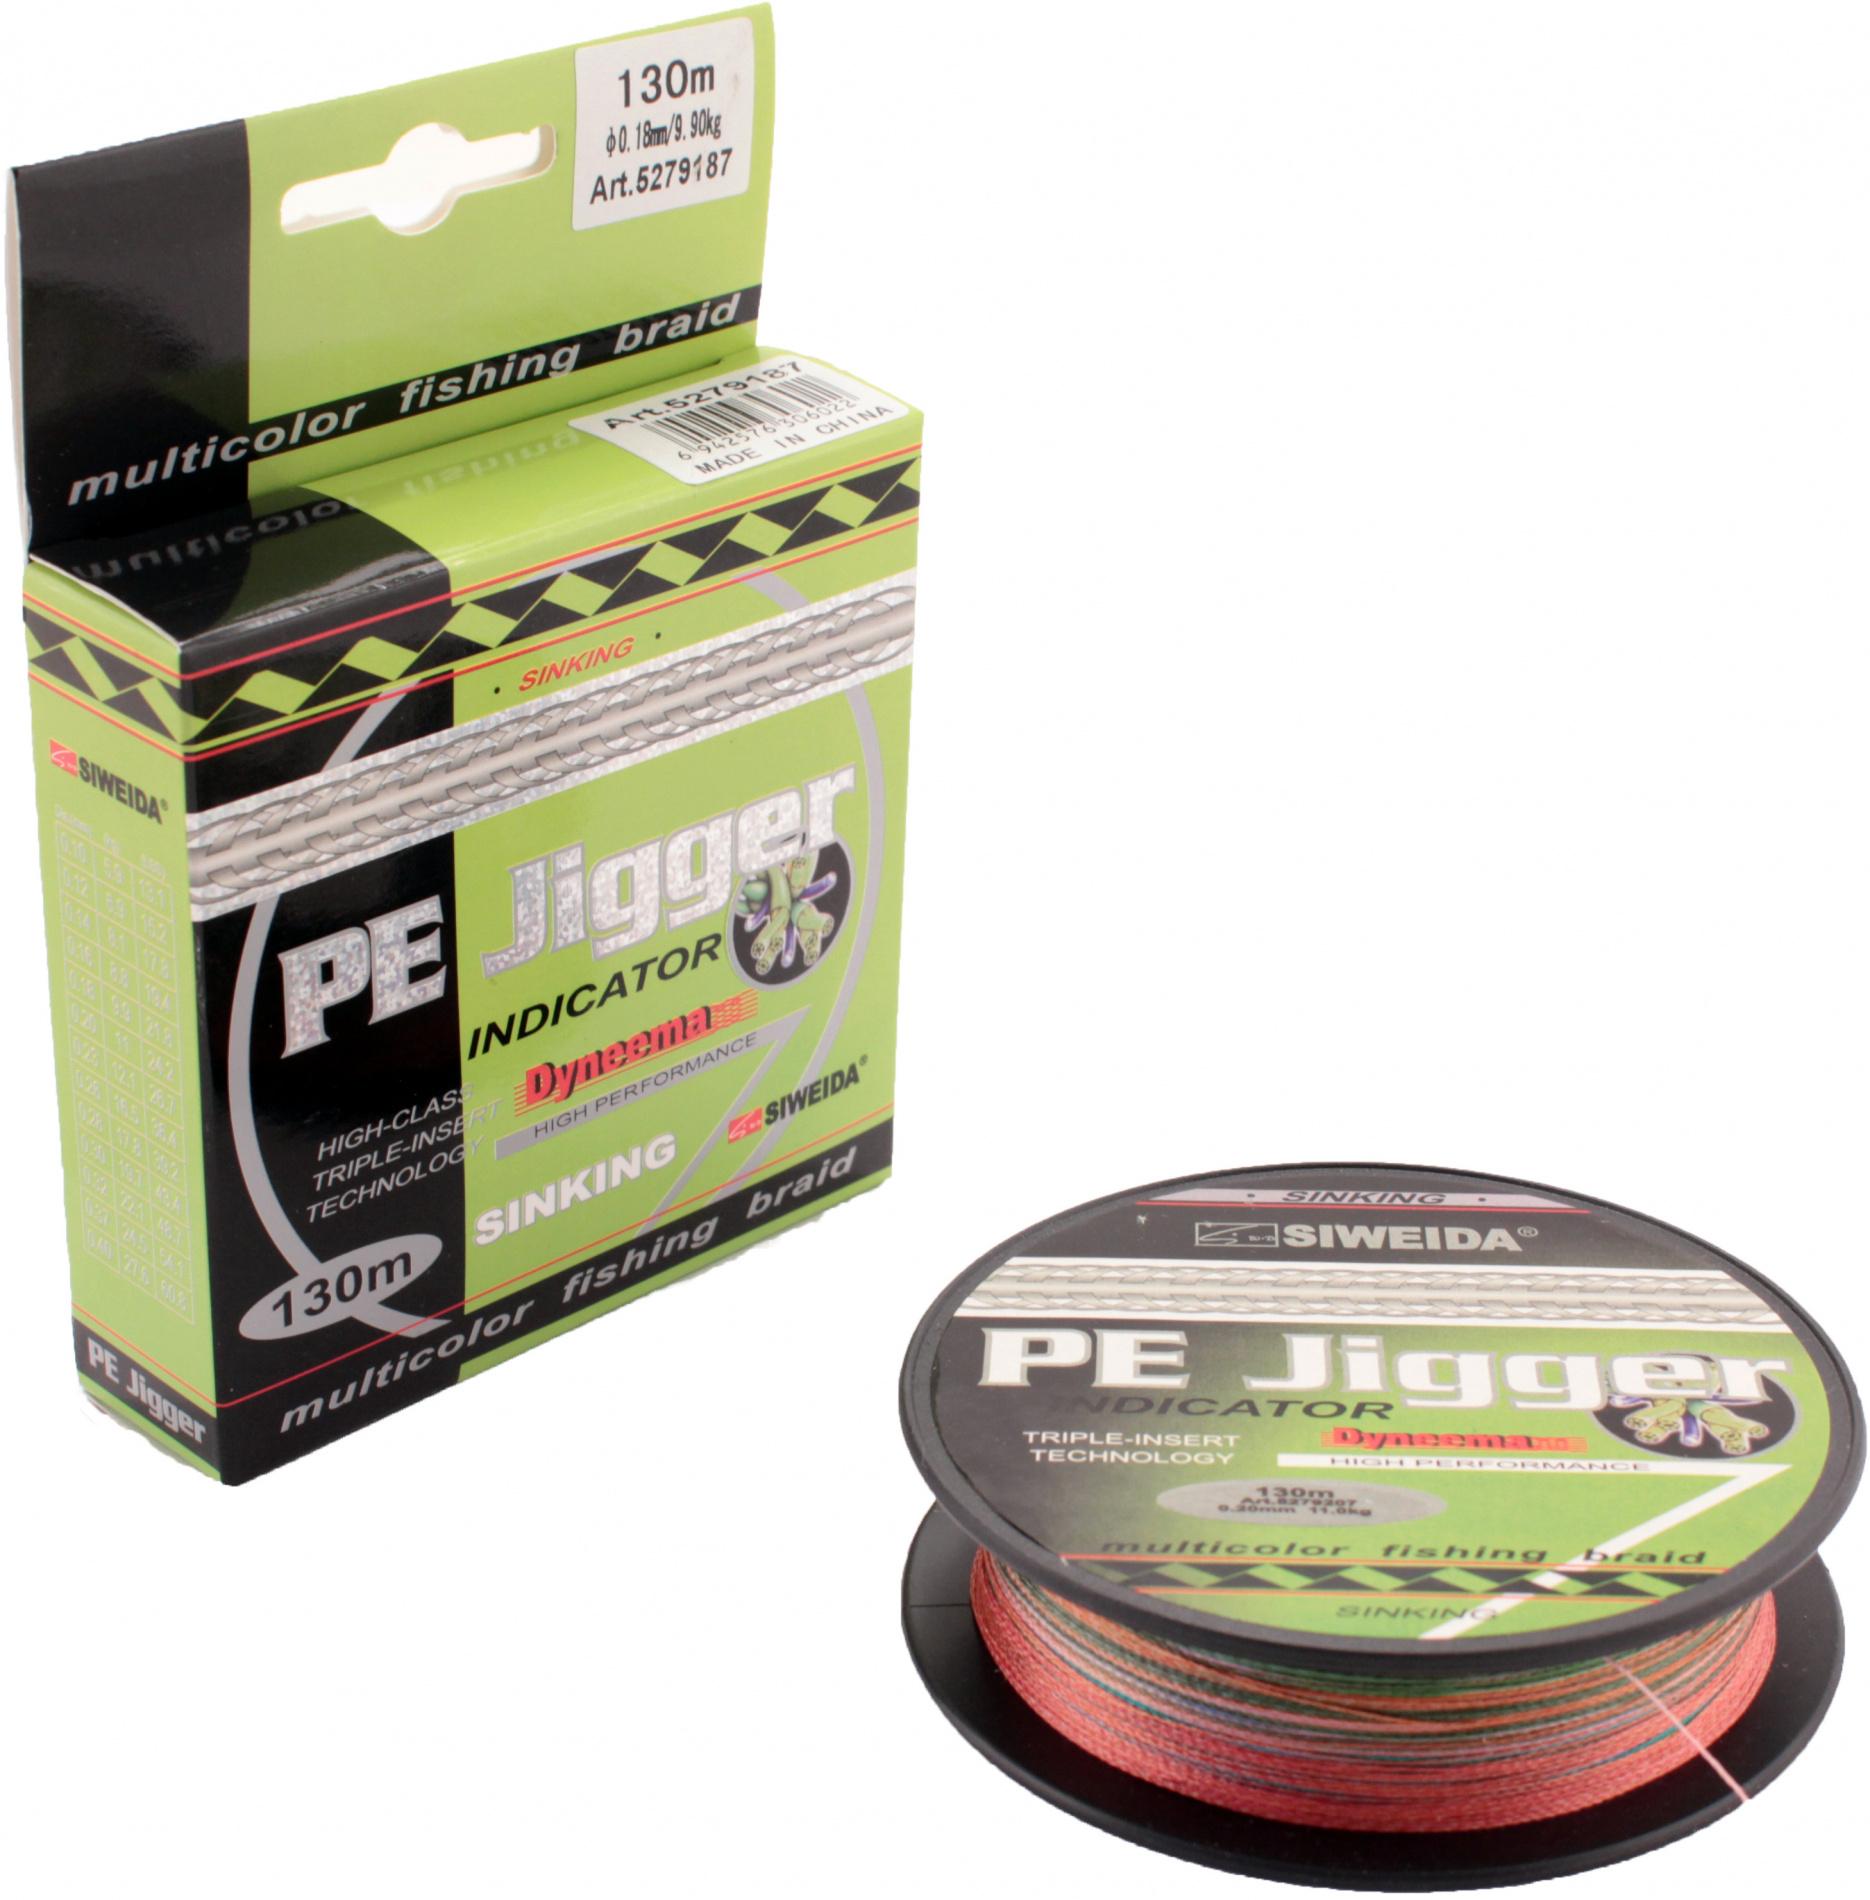 Леска плетеная SWD PE JIGGER INDICATOR 0,30 130м multicolor Леска плетеная<br>Пятицветный тонущий плетеный шнур, изготовленный <br>из волокна DYNEEMA, сечением 0,30мм (разрывная <br>нагрузка 19,70кг) и длиной 130м. Благодаря микроволокнам <br>полиэтилена (Super PE) шнур имеет очень плотное <br>плетение, не впитывает воду, имеет гладкую <br>поверхность и одинаковое сечение по всей <br>длине. Отличается практически нулевой растяжимостью, <br>что позволяет полностью контролировать <br>спиннинговую приманку. Длина куска одного <br>цвета - 10м. Это позволяет рыболовам точно <br>контролировать дальность заброса приманки. <br>Подходит для всех видов ловли хищника.<br>